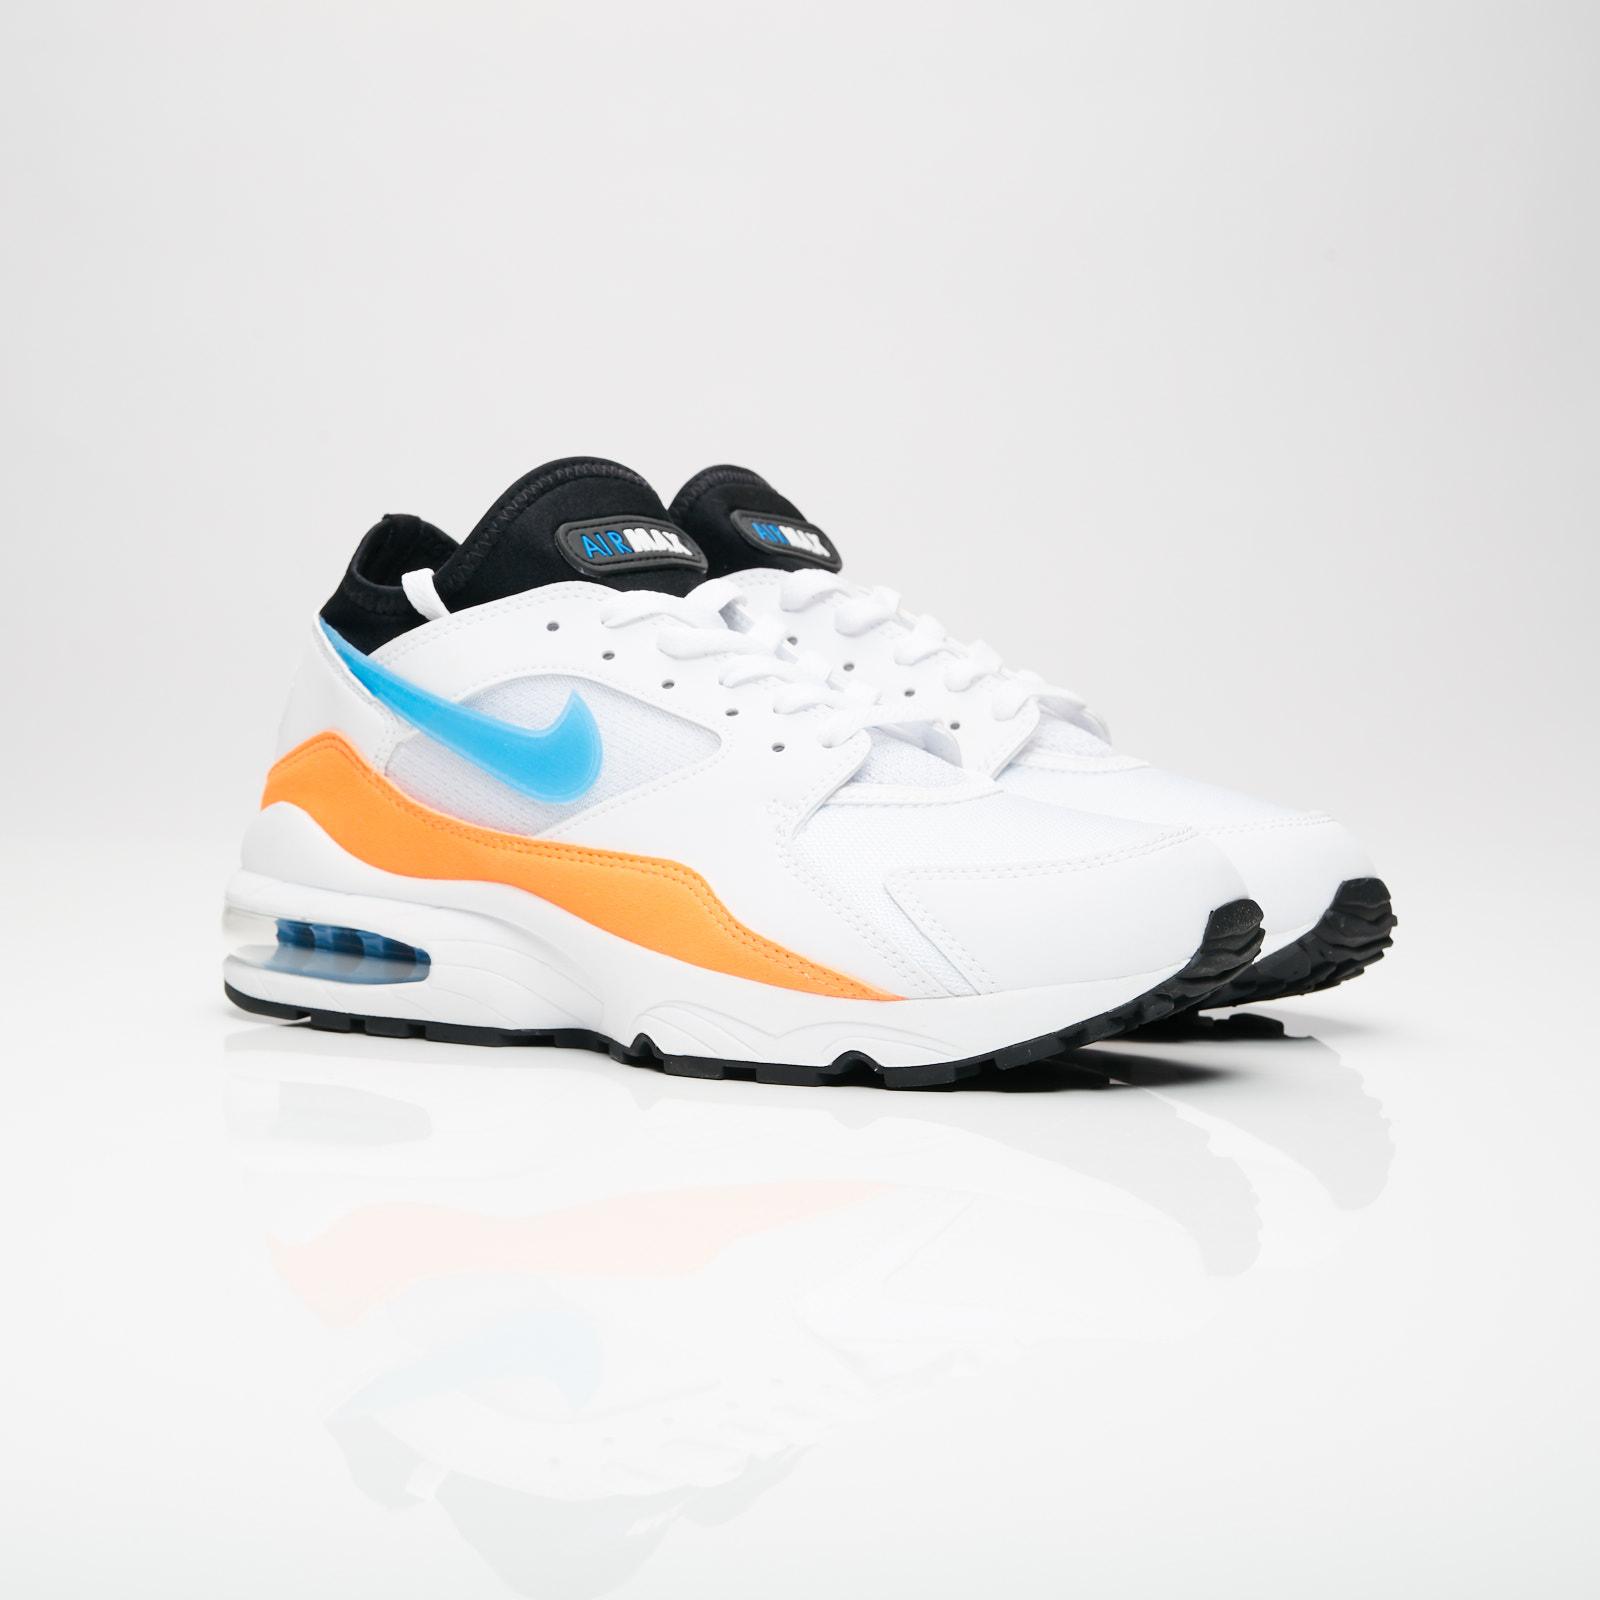 reputable site 0ea10 a0bd6 Nike Sportswear Air Max 93